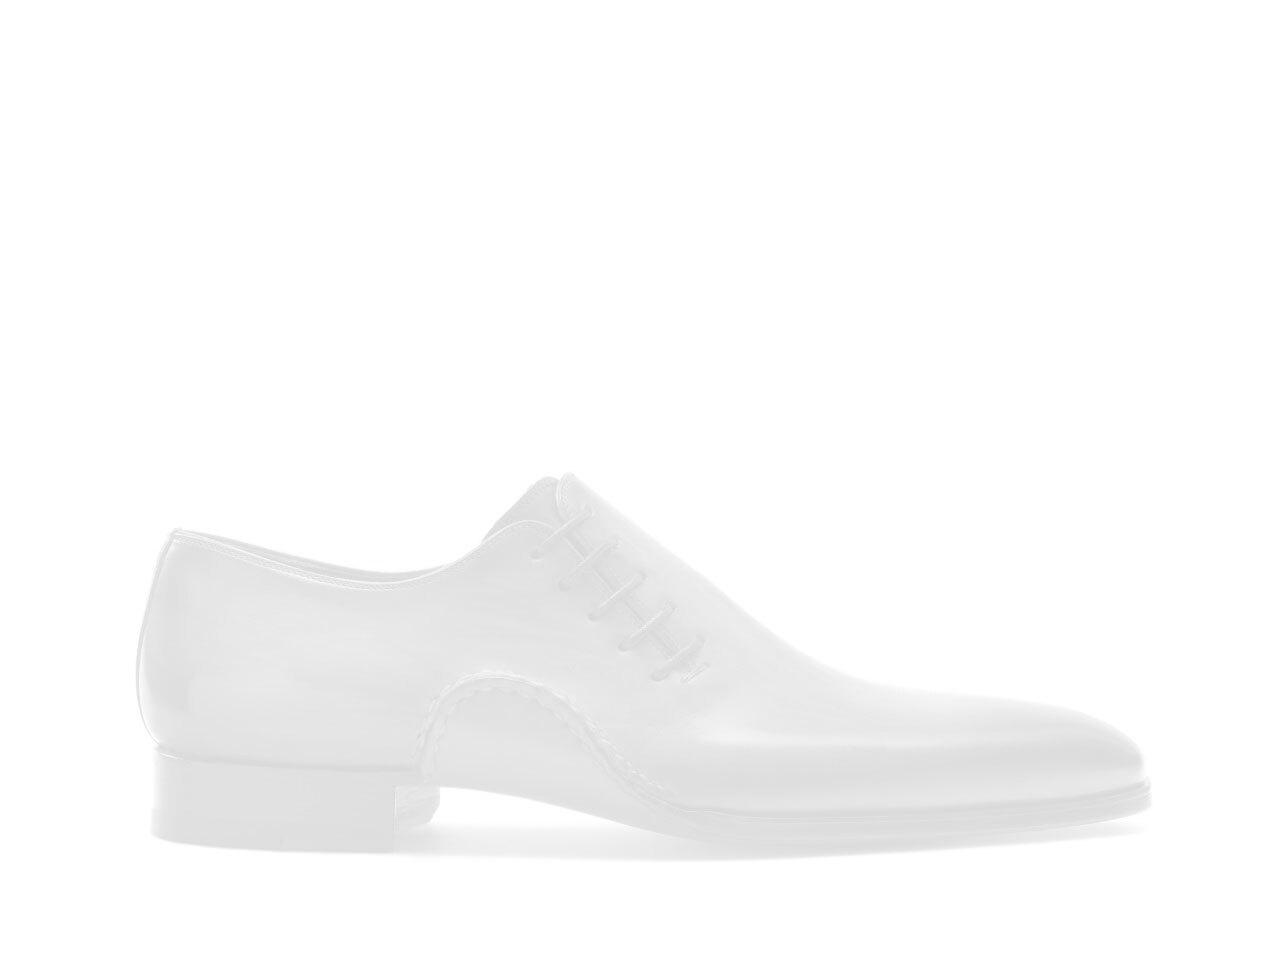 Sole of the Magnanni Cabrera Cuero Men's Fisherman Sandals